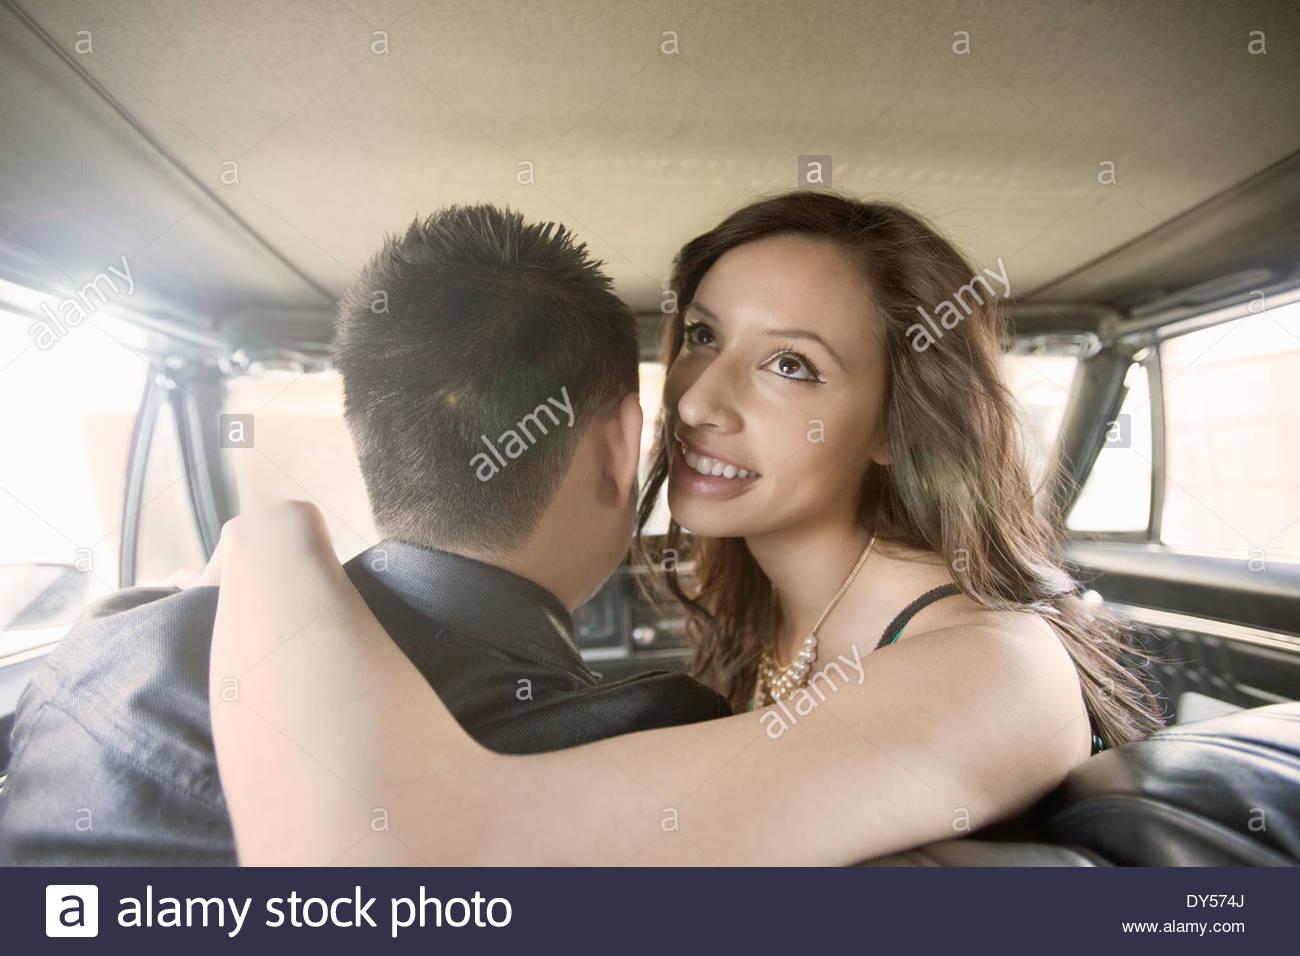 Junge Frau mit Arm um Freund vor Sitz des Auto Stockbild